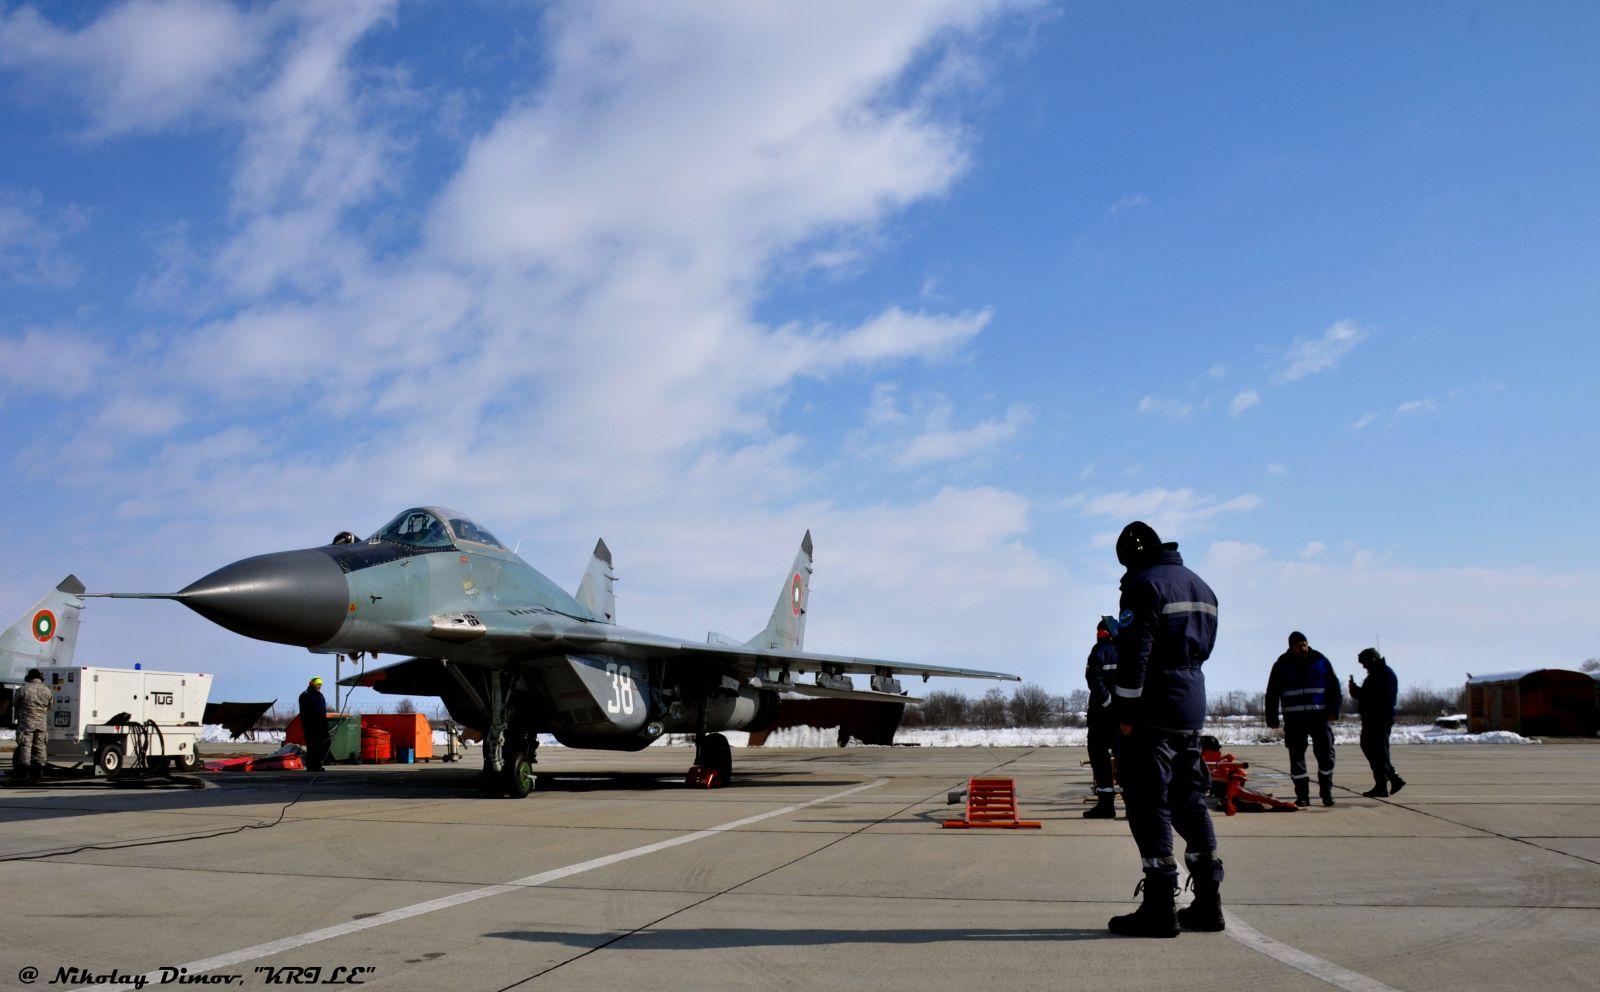 КАКВО Е ПОЛОЖЕНИЕТО С БЪЛГАРСКИТЕ МИГ-29